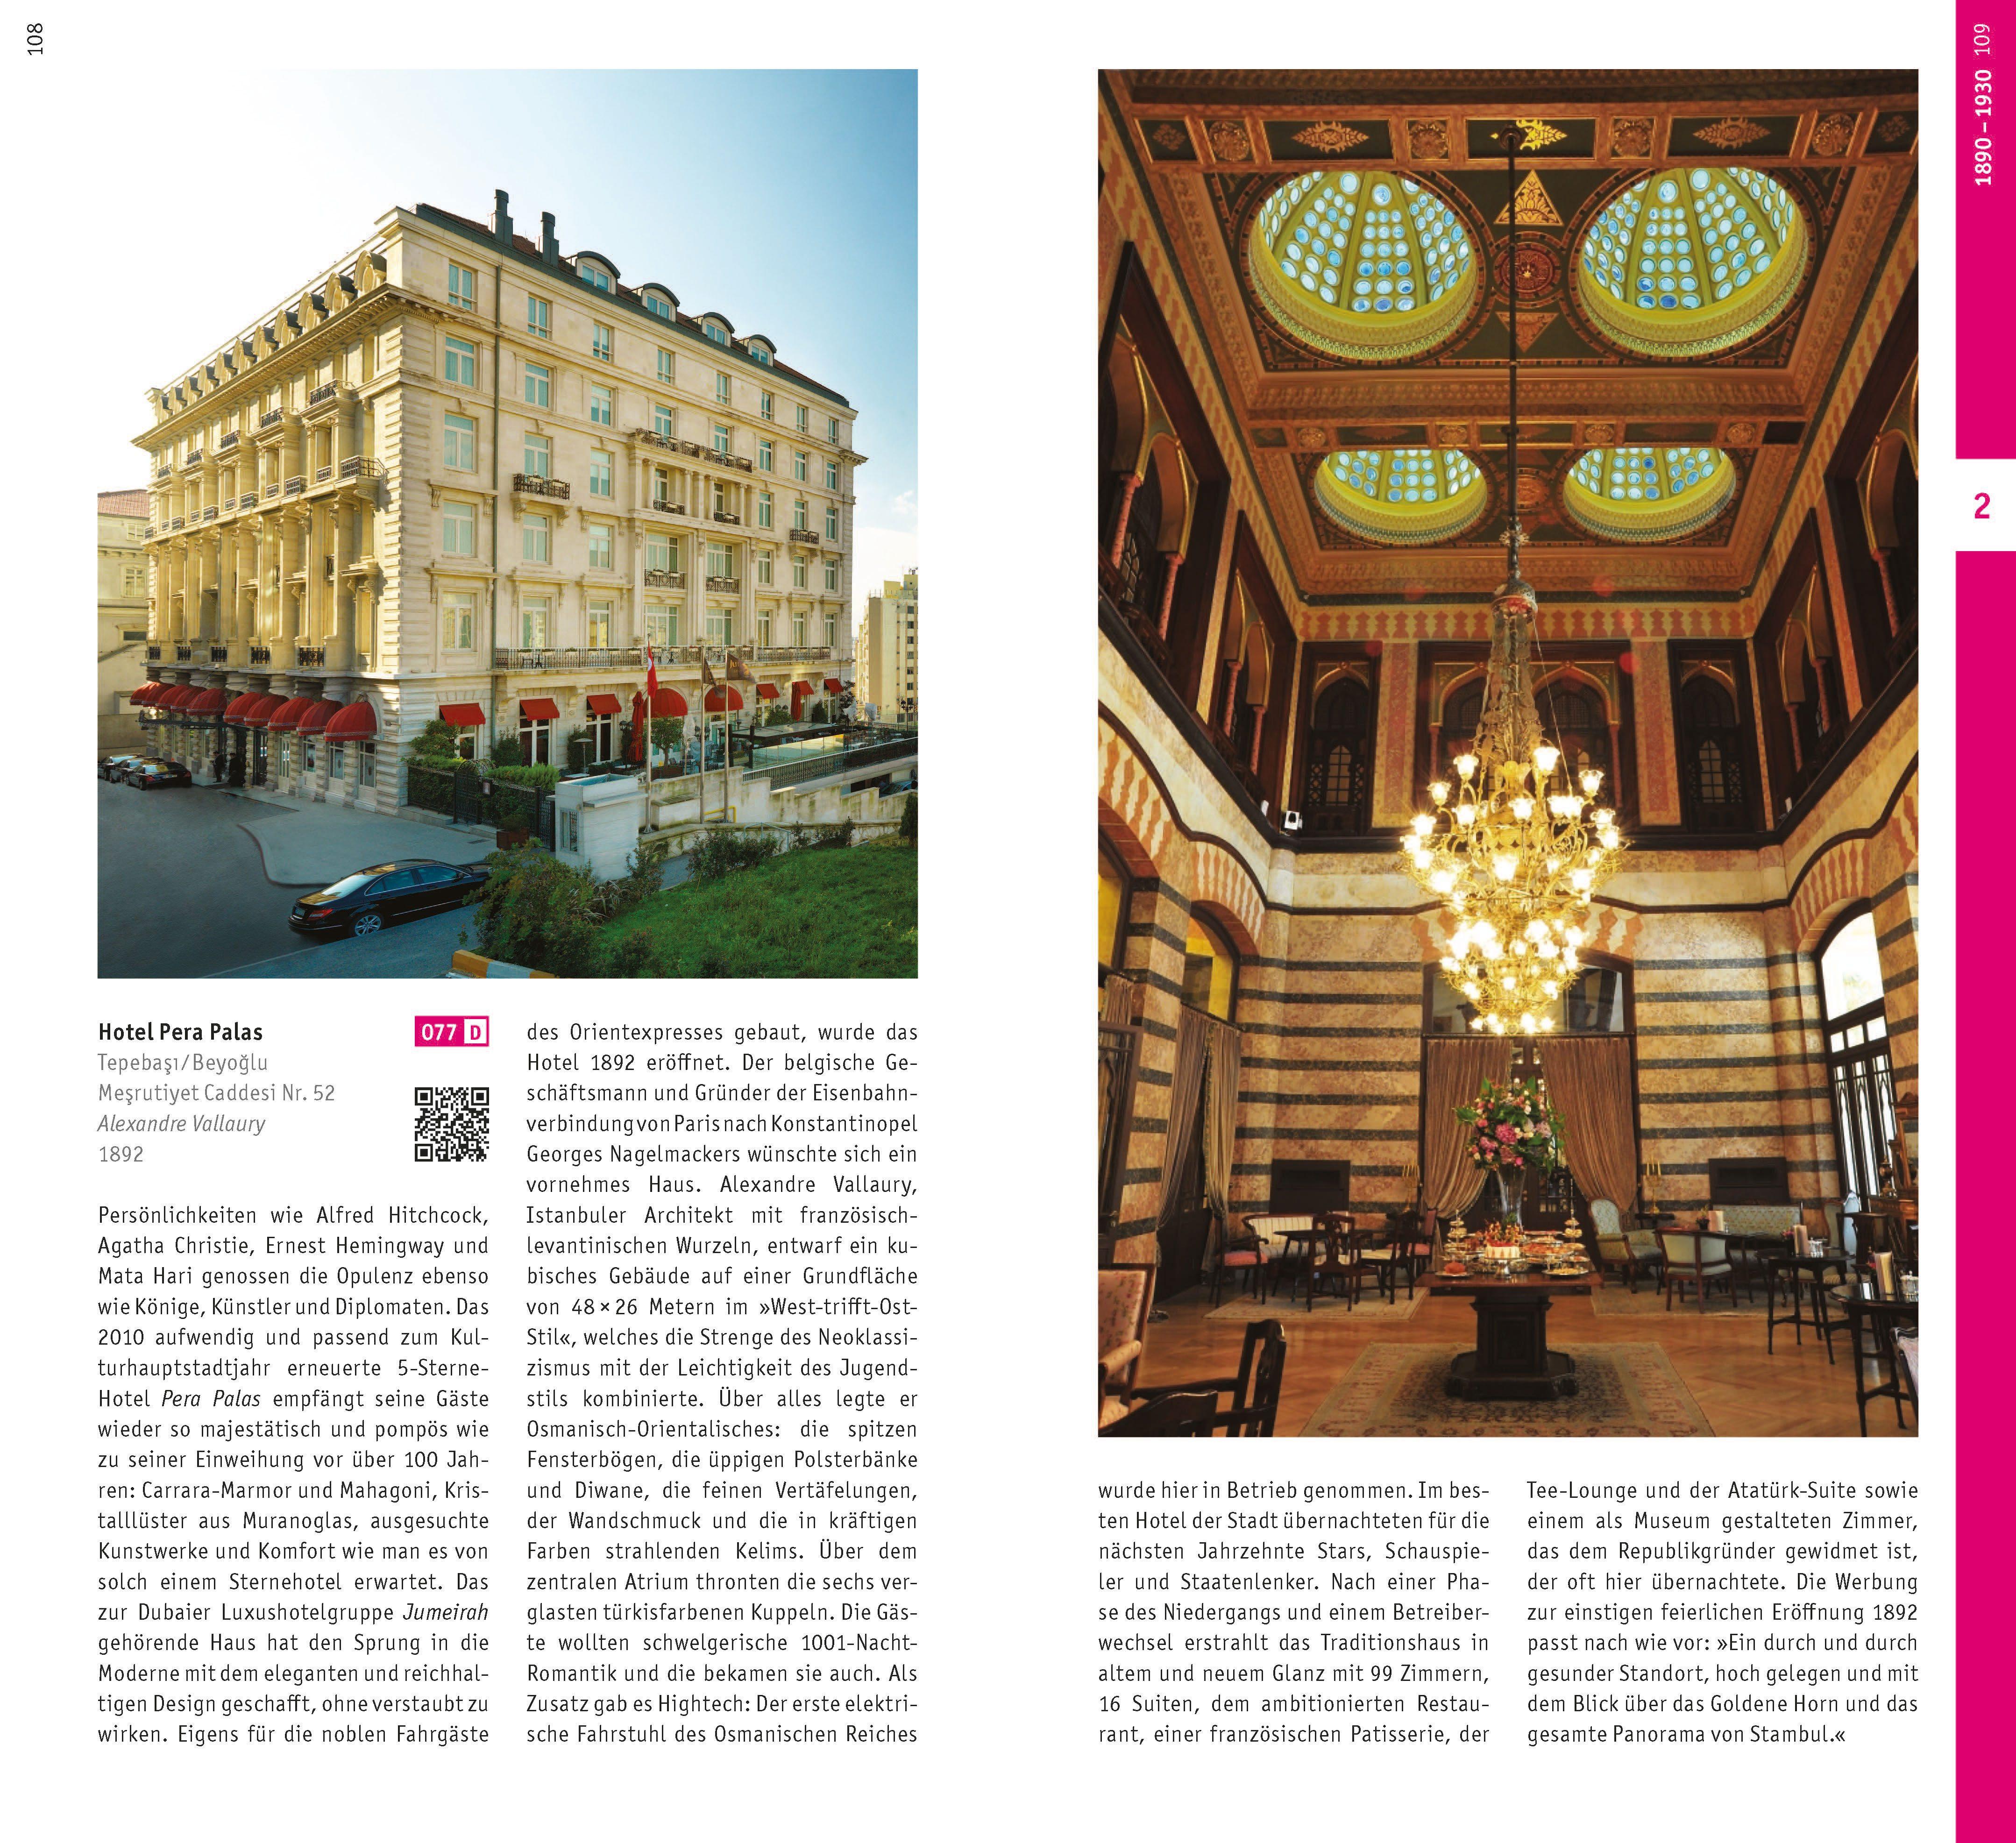 Die Luxusdiva. Fünfsternehotel Pera Palace von Alexandre Vallaury.